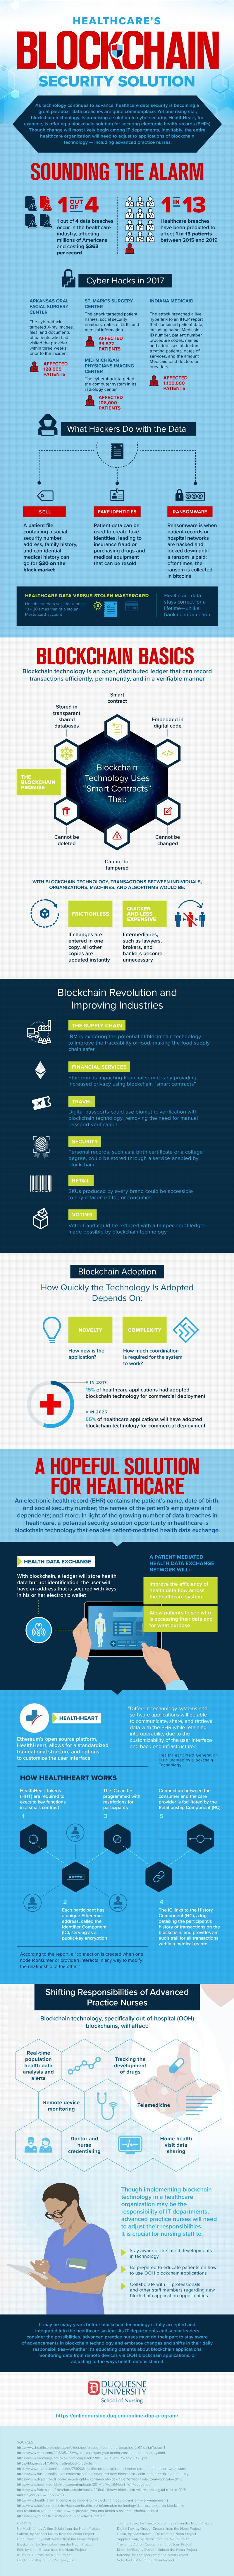 Blockchain Technology: A Hopeful Solution for Healthcare